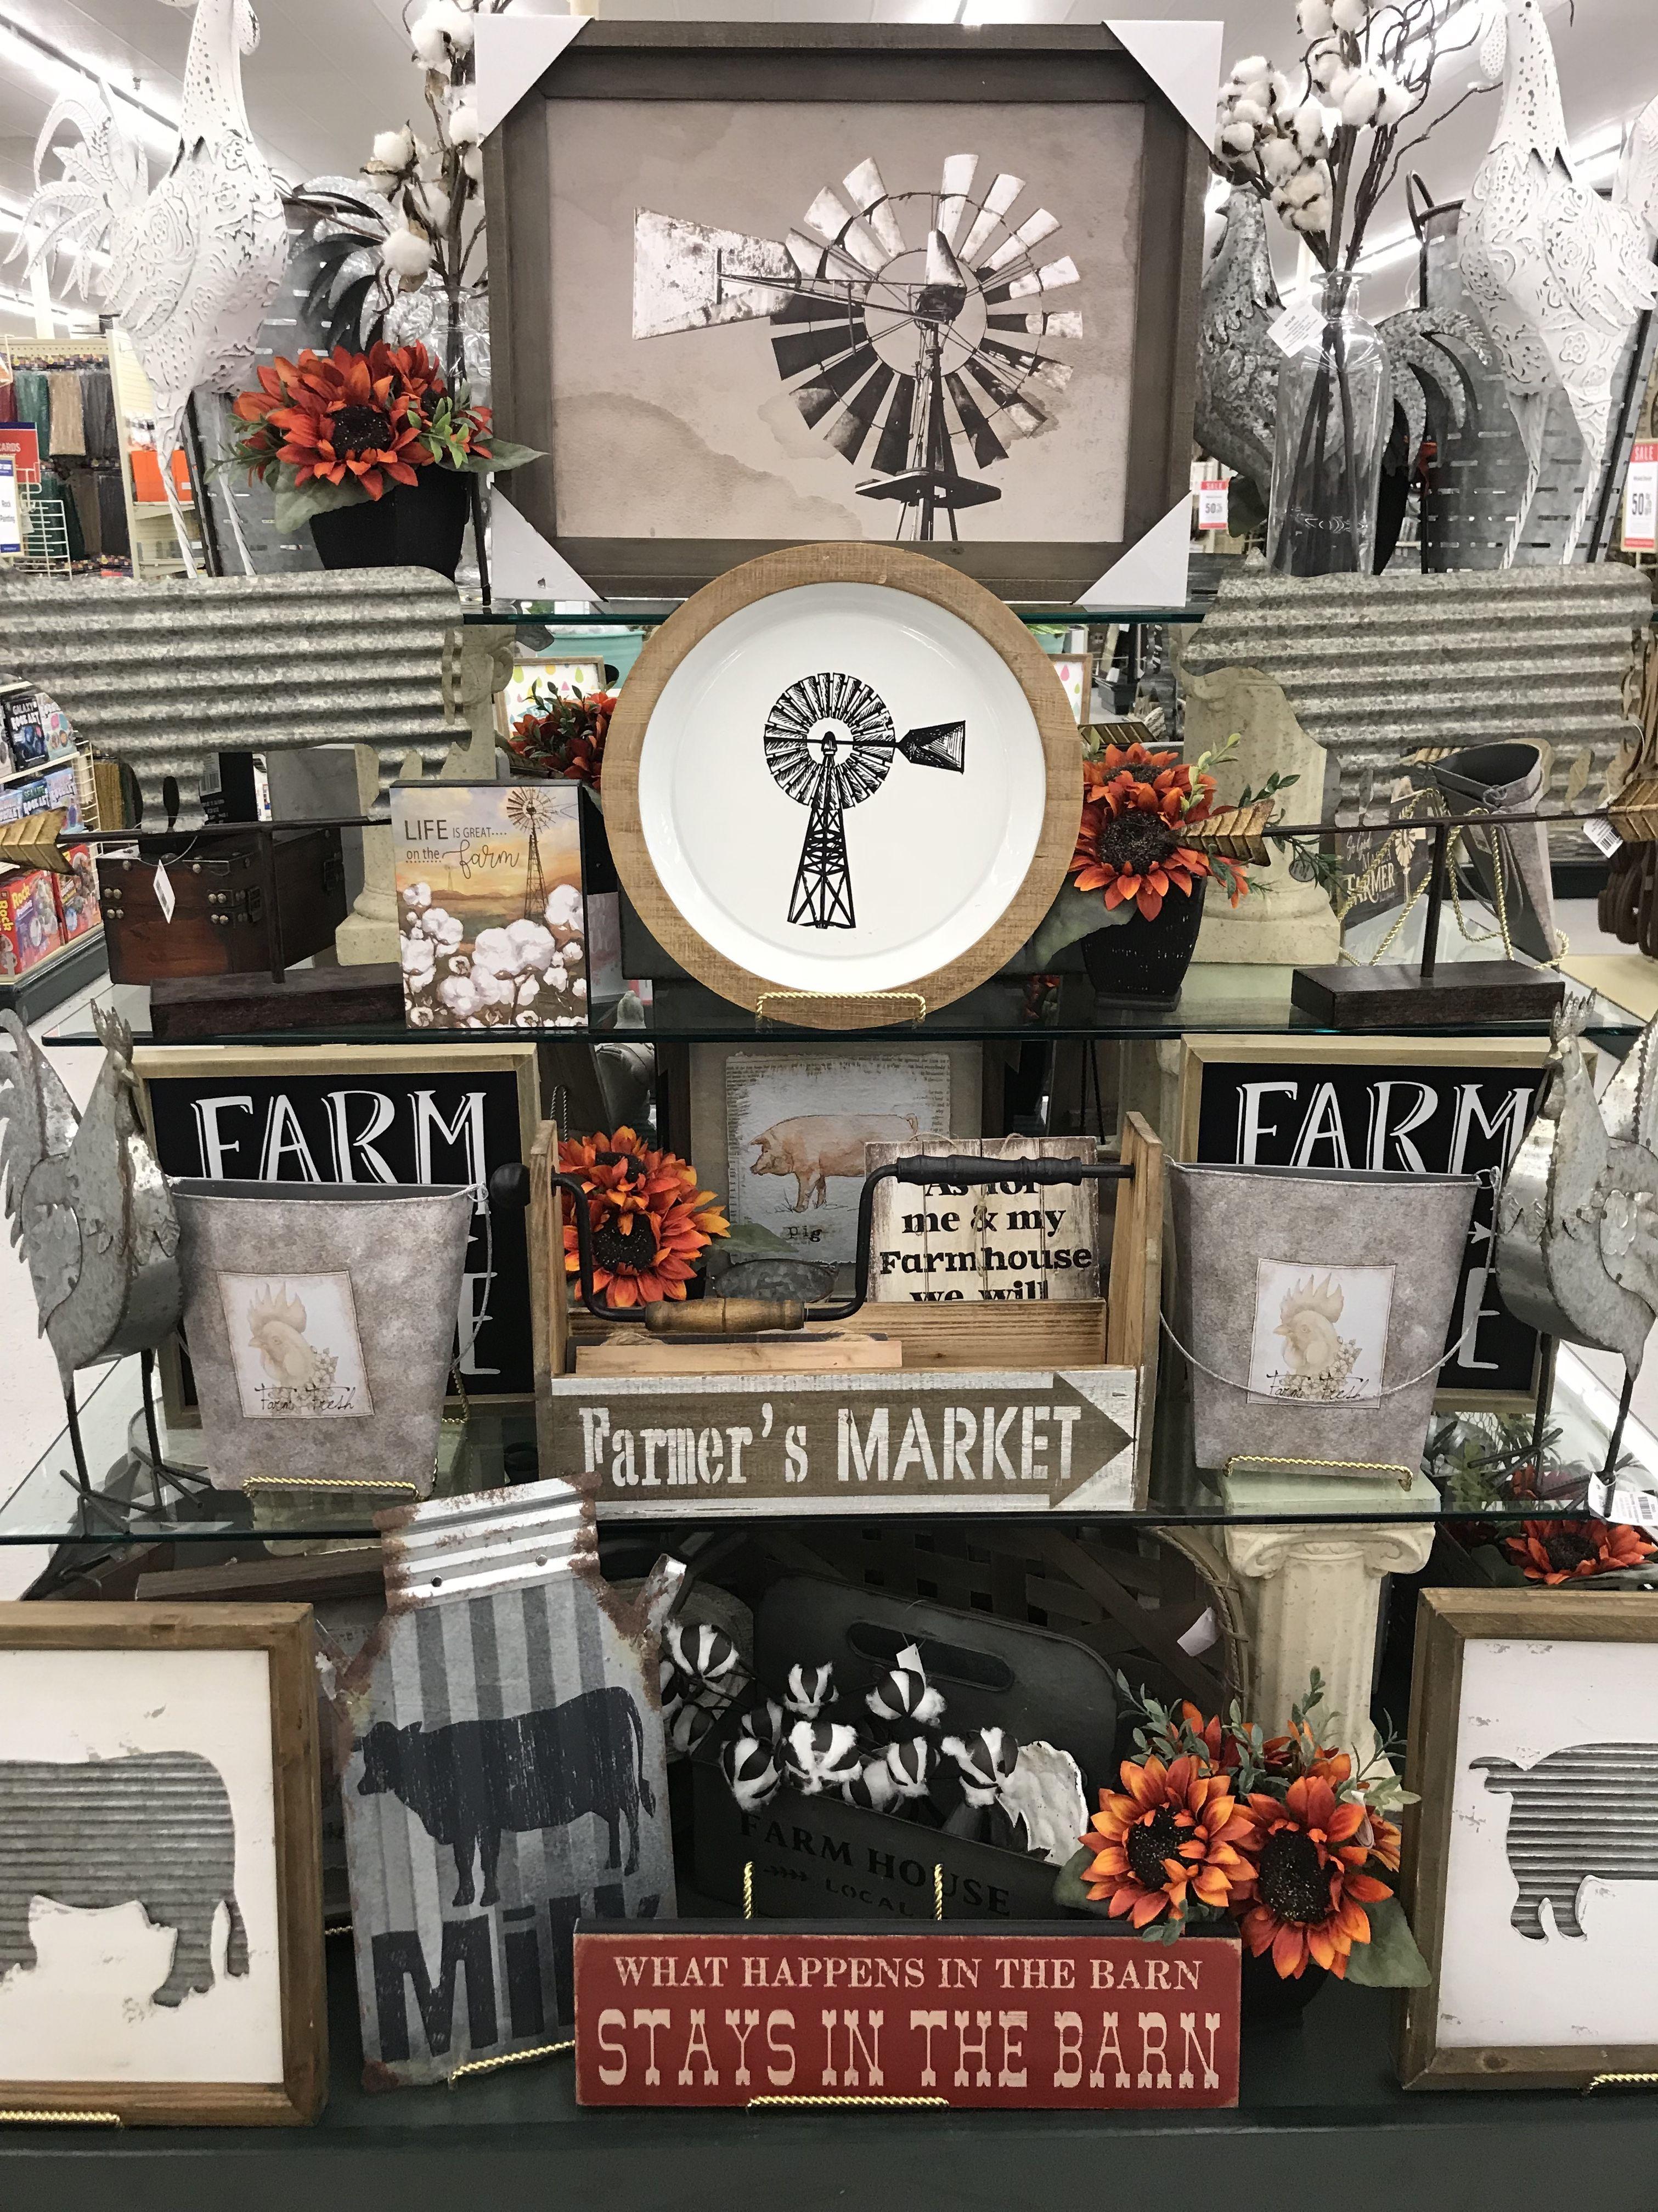 Hobby Lobby Merchandising Table Displays Work Farmhouse Bathroom Decor Country Farmhouse Decor Decor